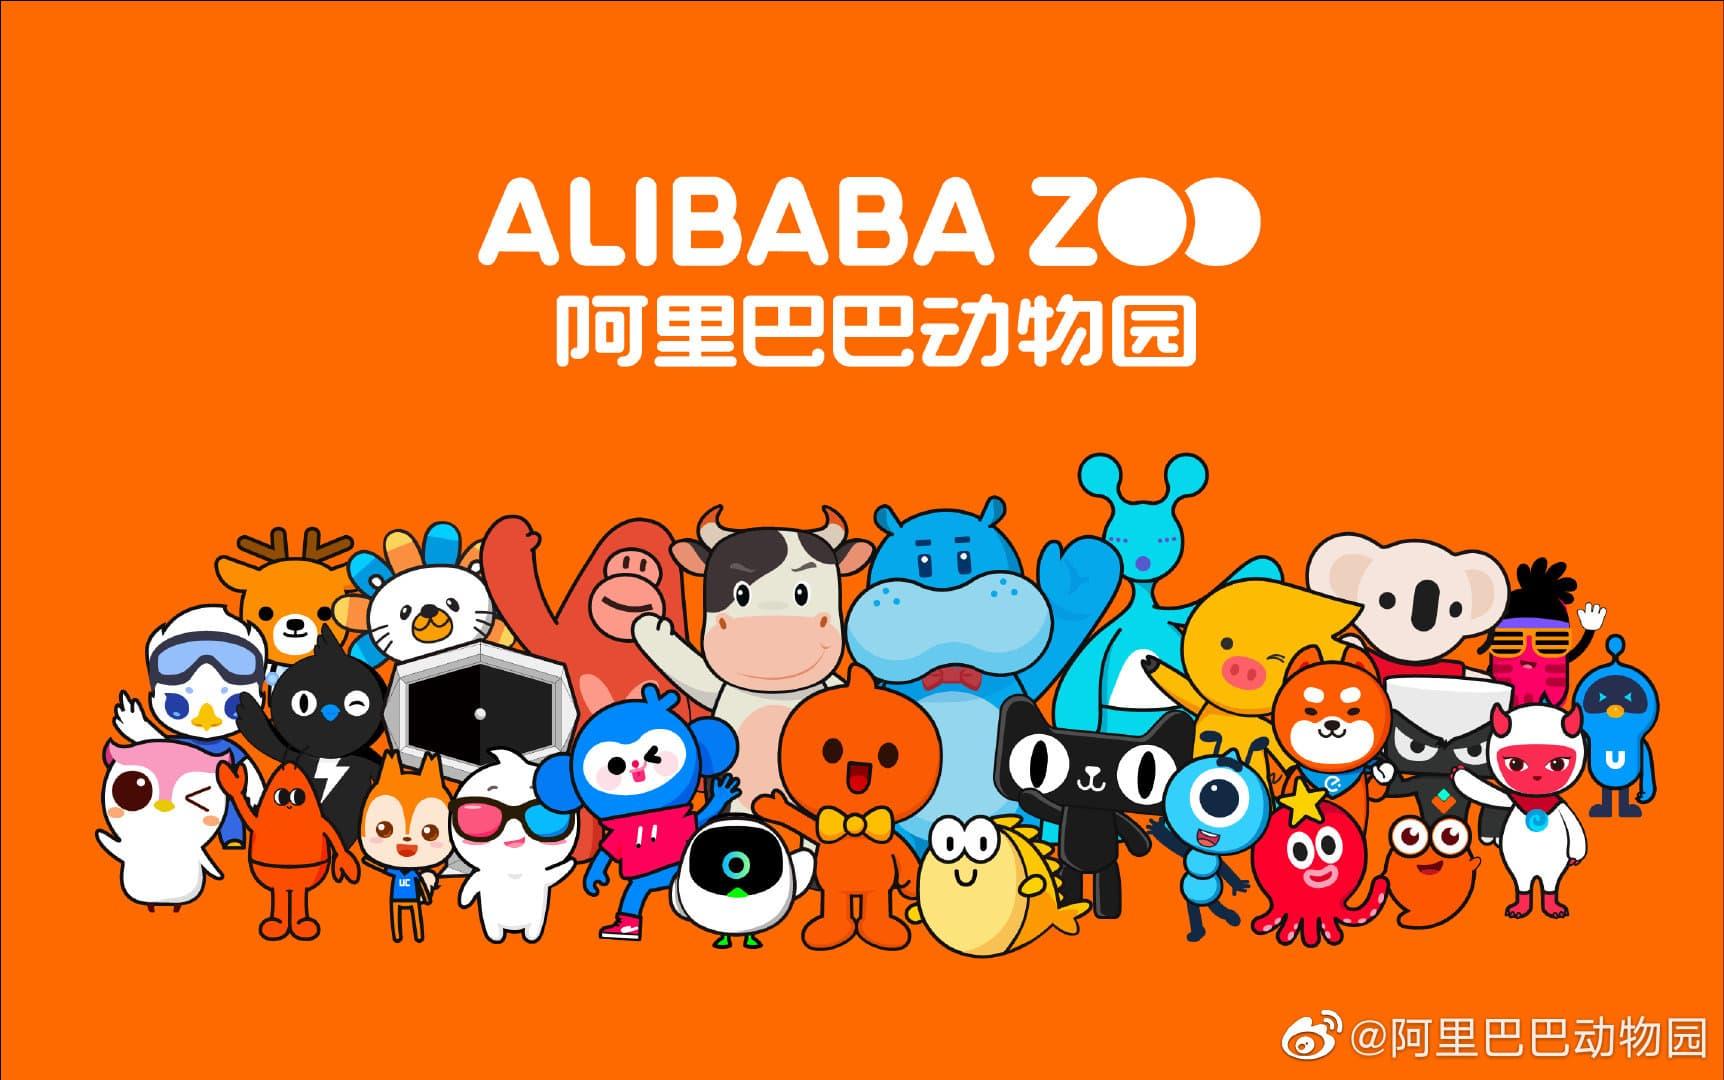 Alibaba's zoo